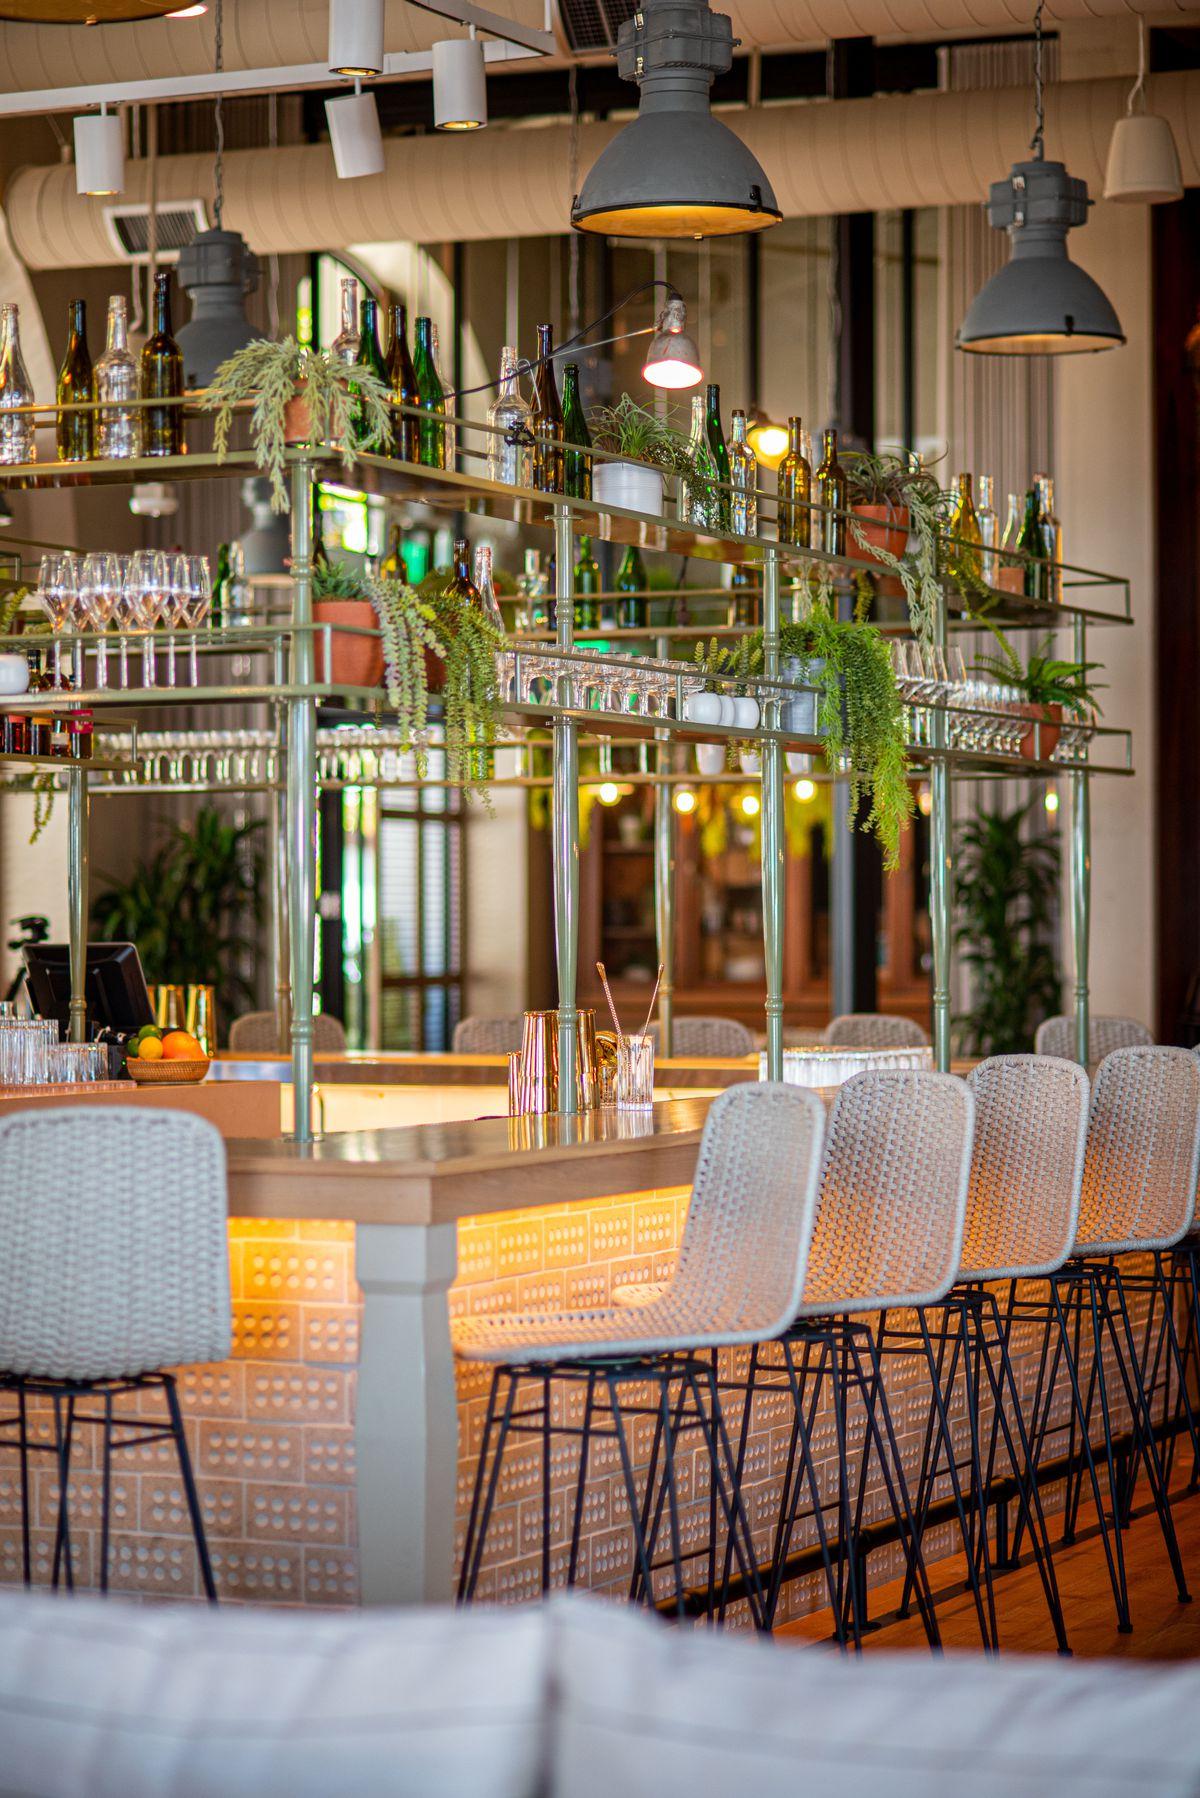 Lights glow under a bar inside of a new restaurant.